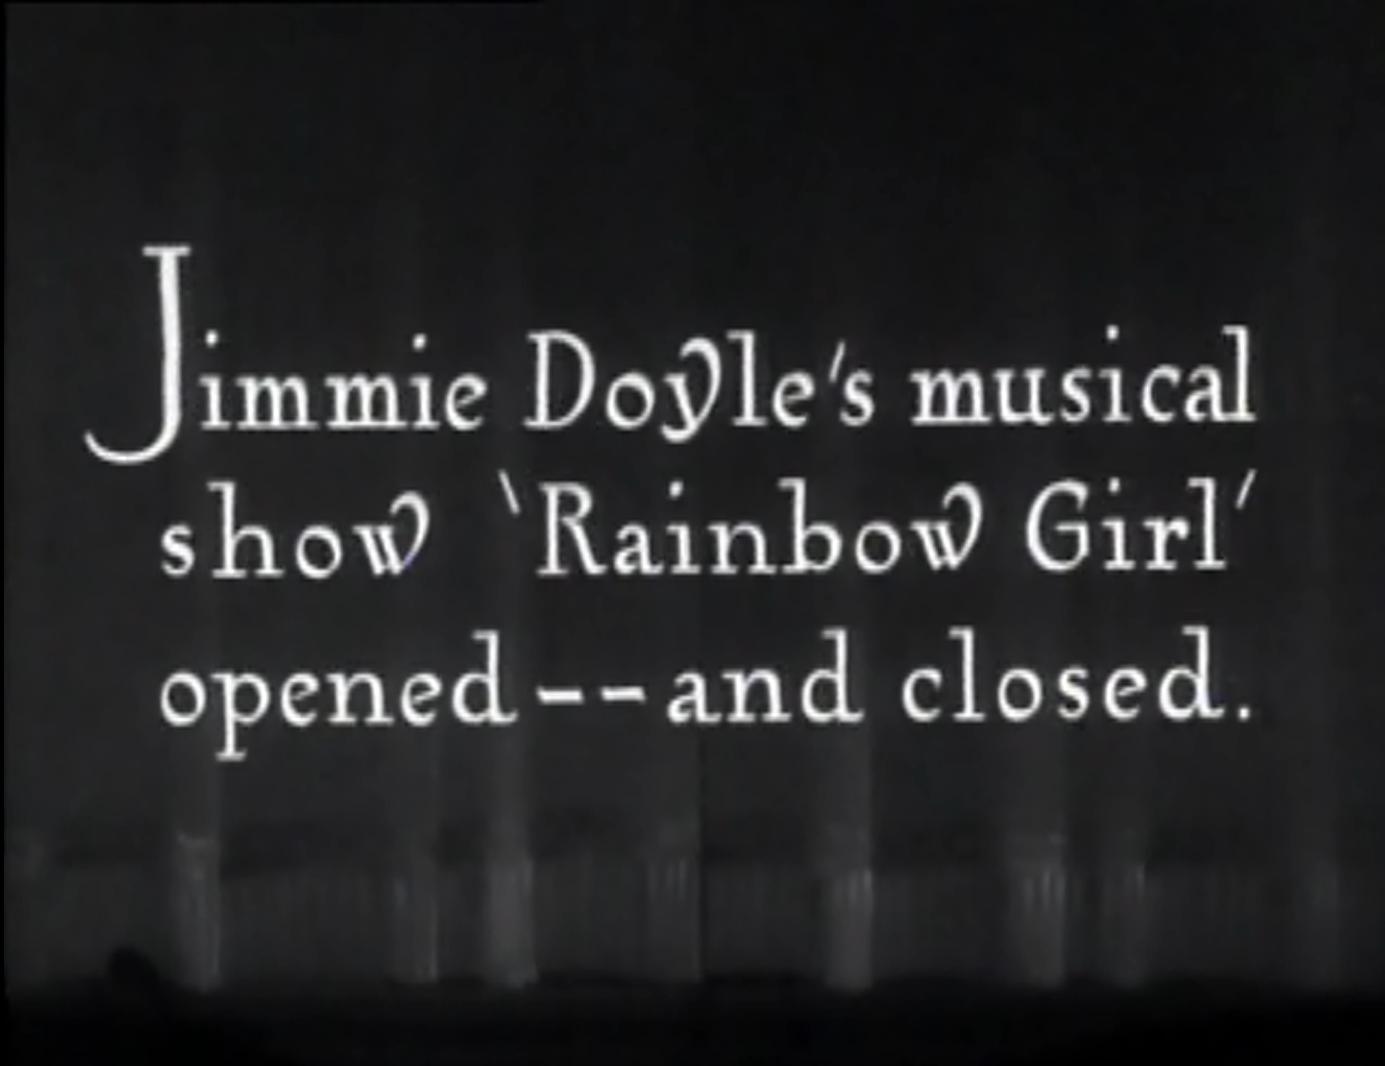 showgirlinhollywood2